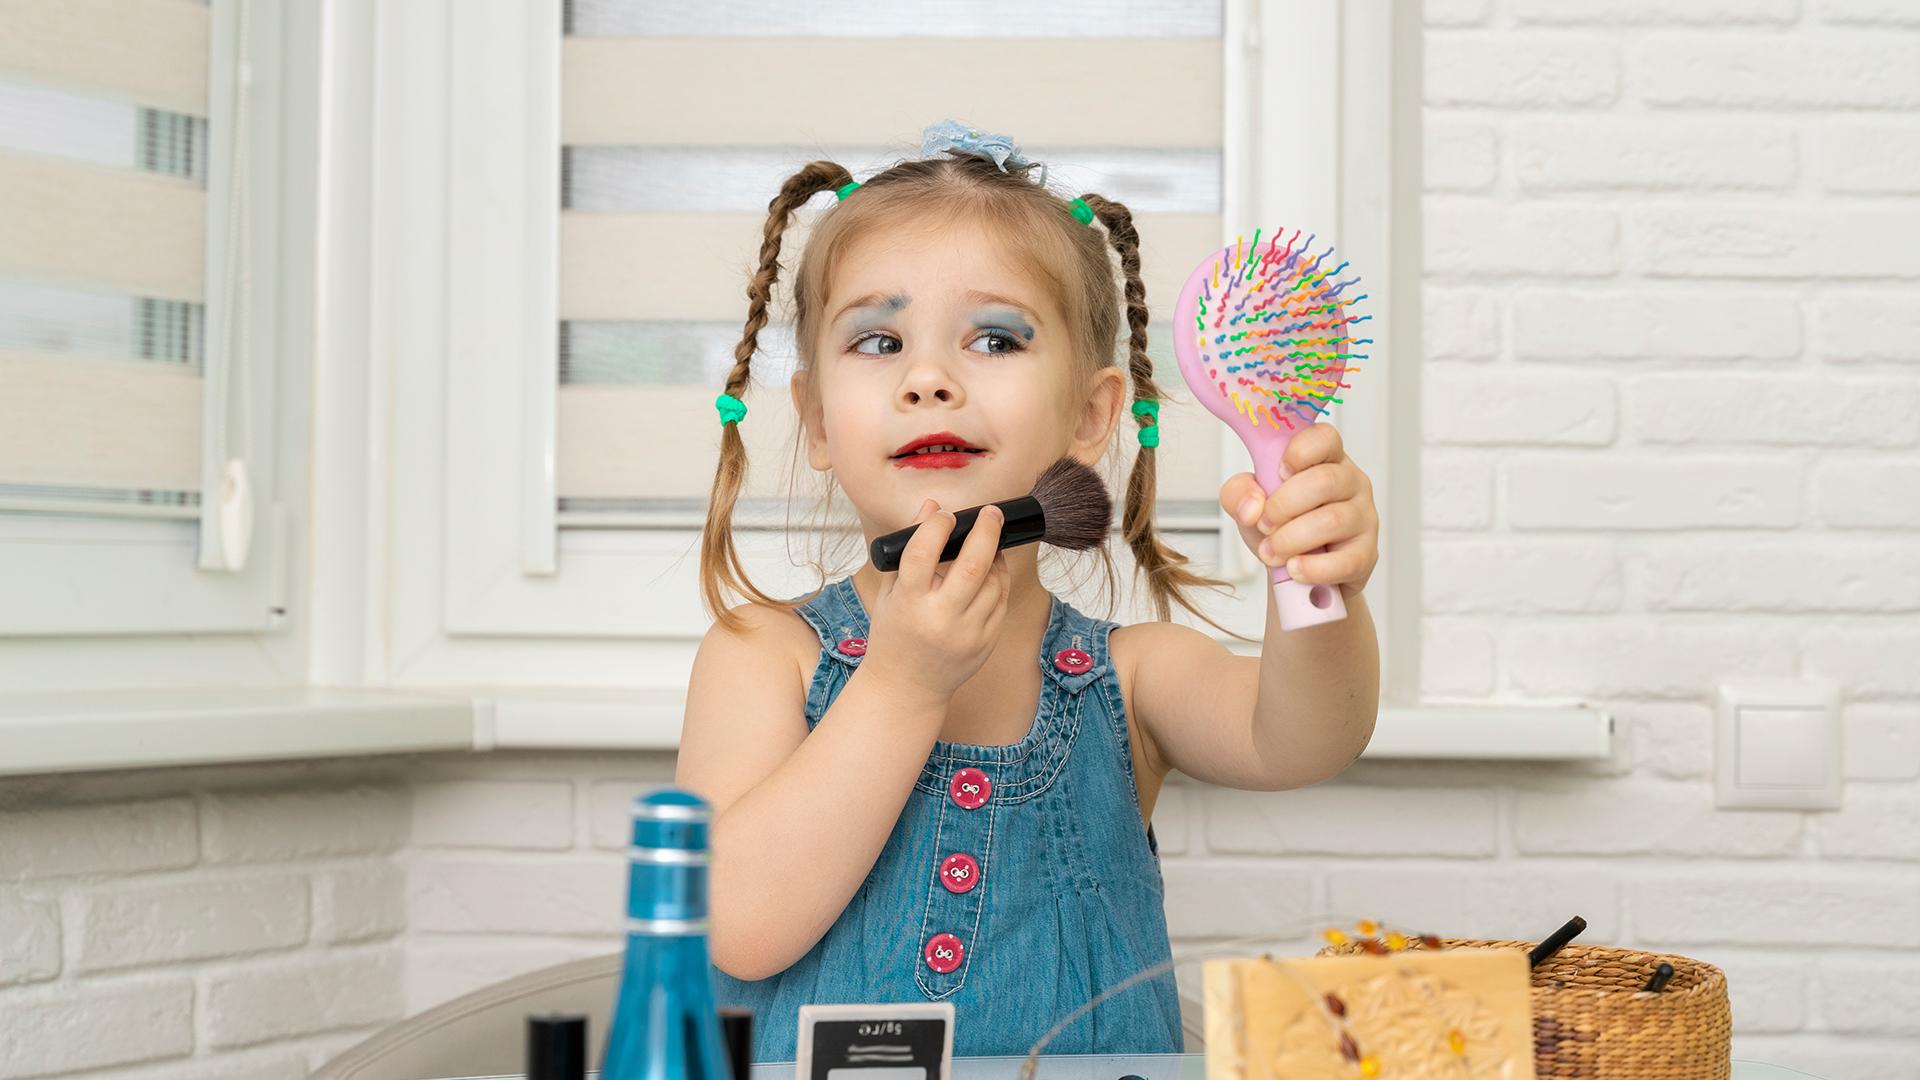 gyerek sminkkészlet sminkelés